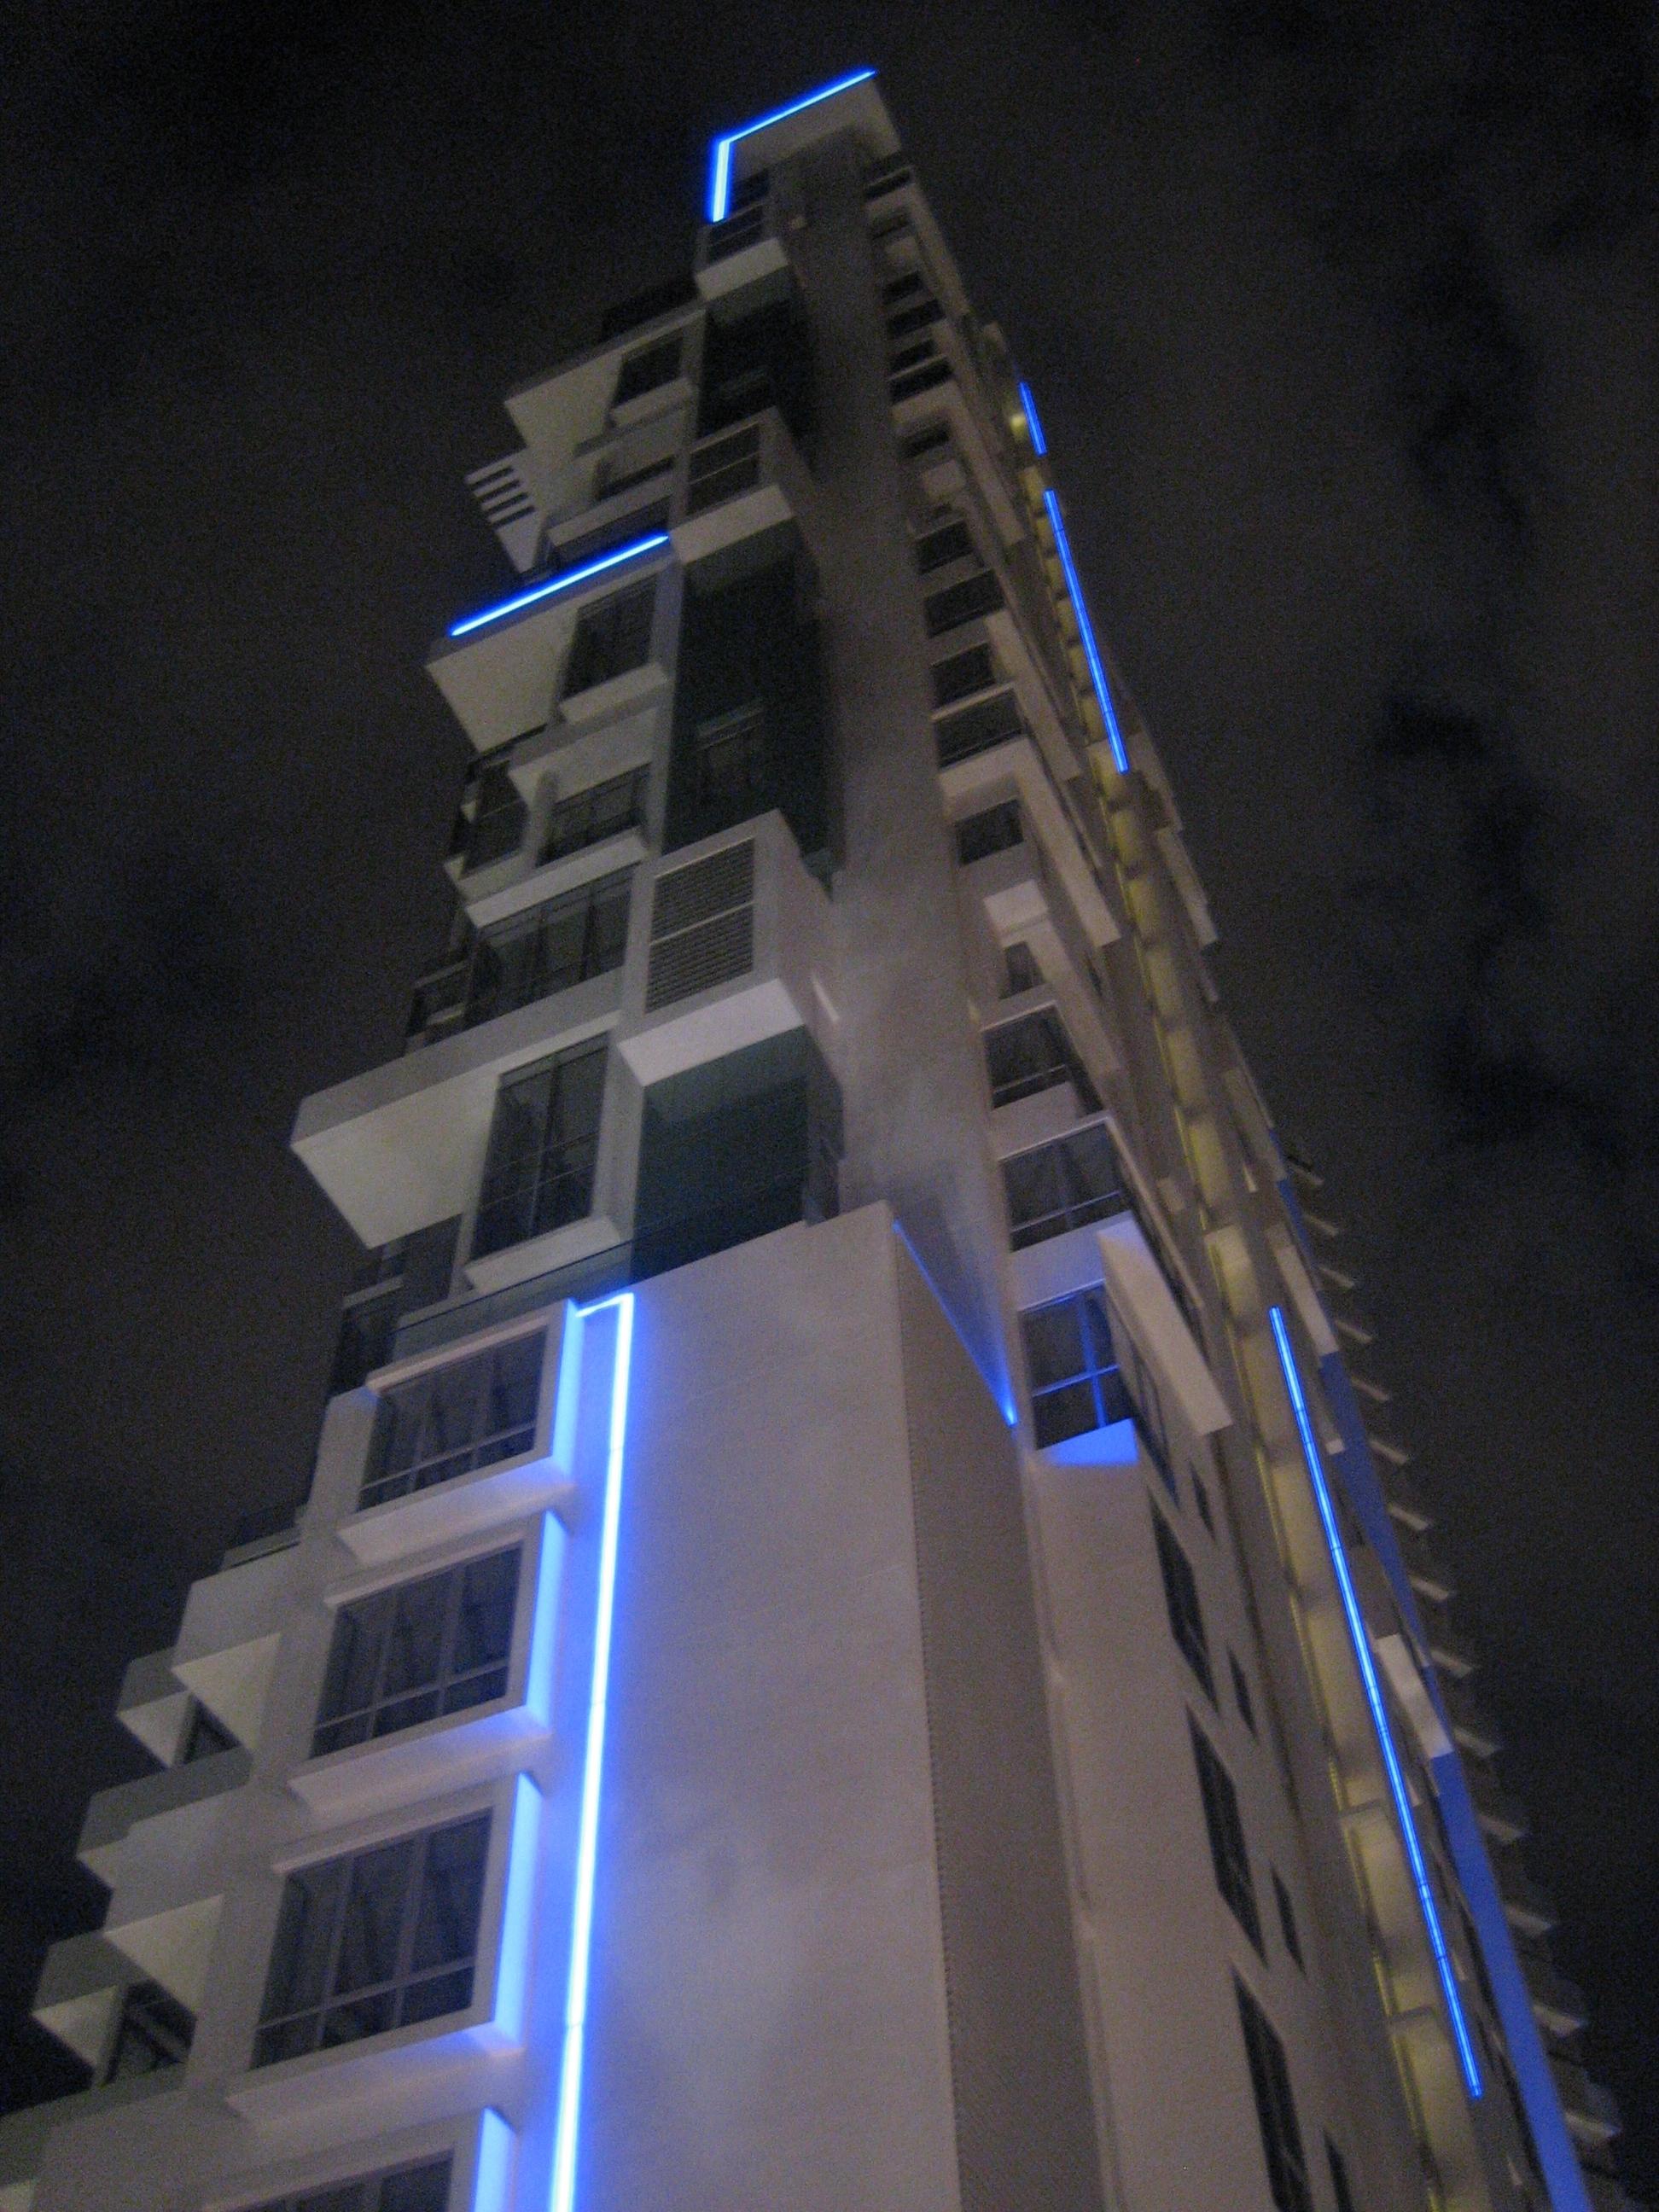 DRAYCOTT CONDOMINIUM PARK, Singapore